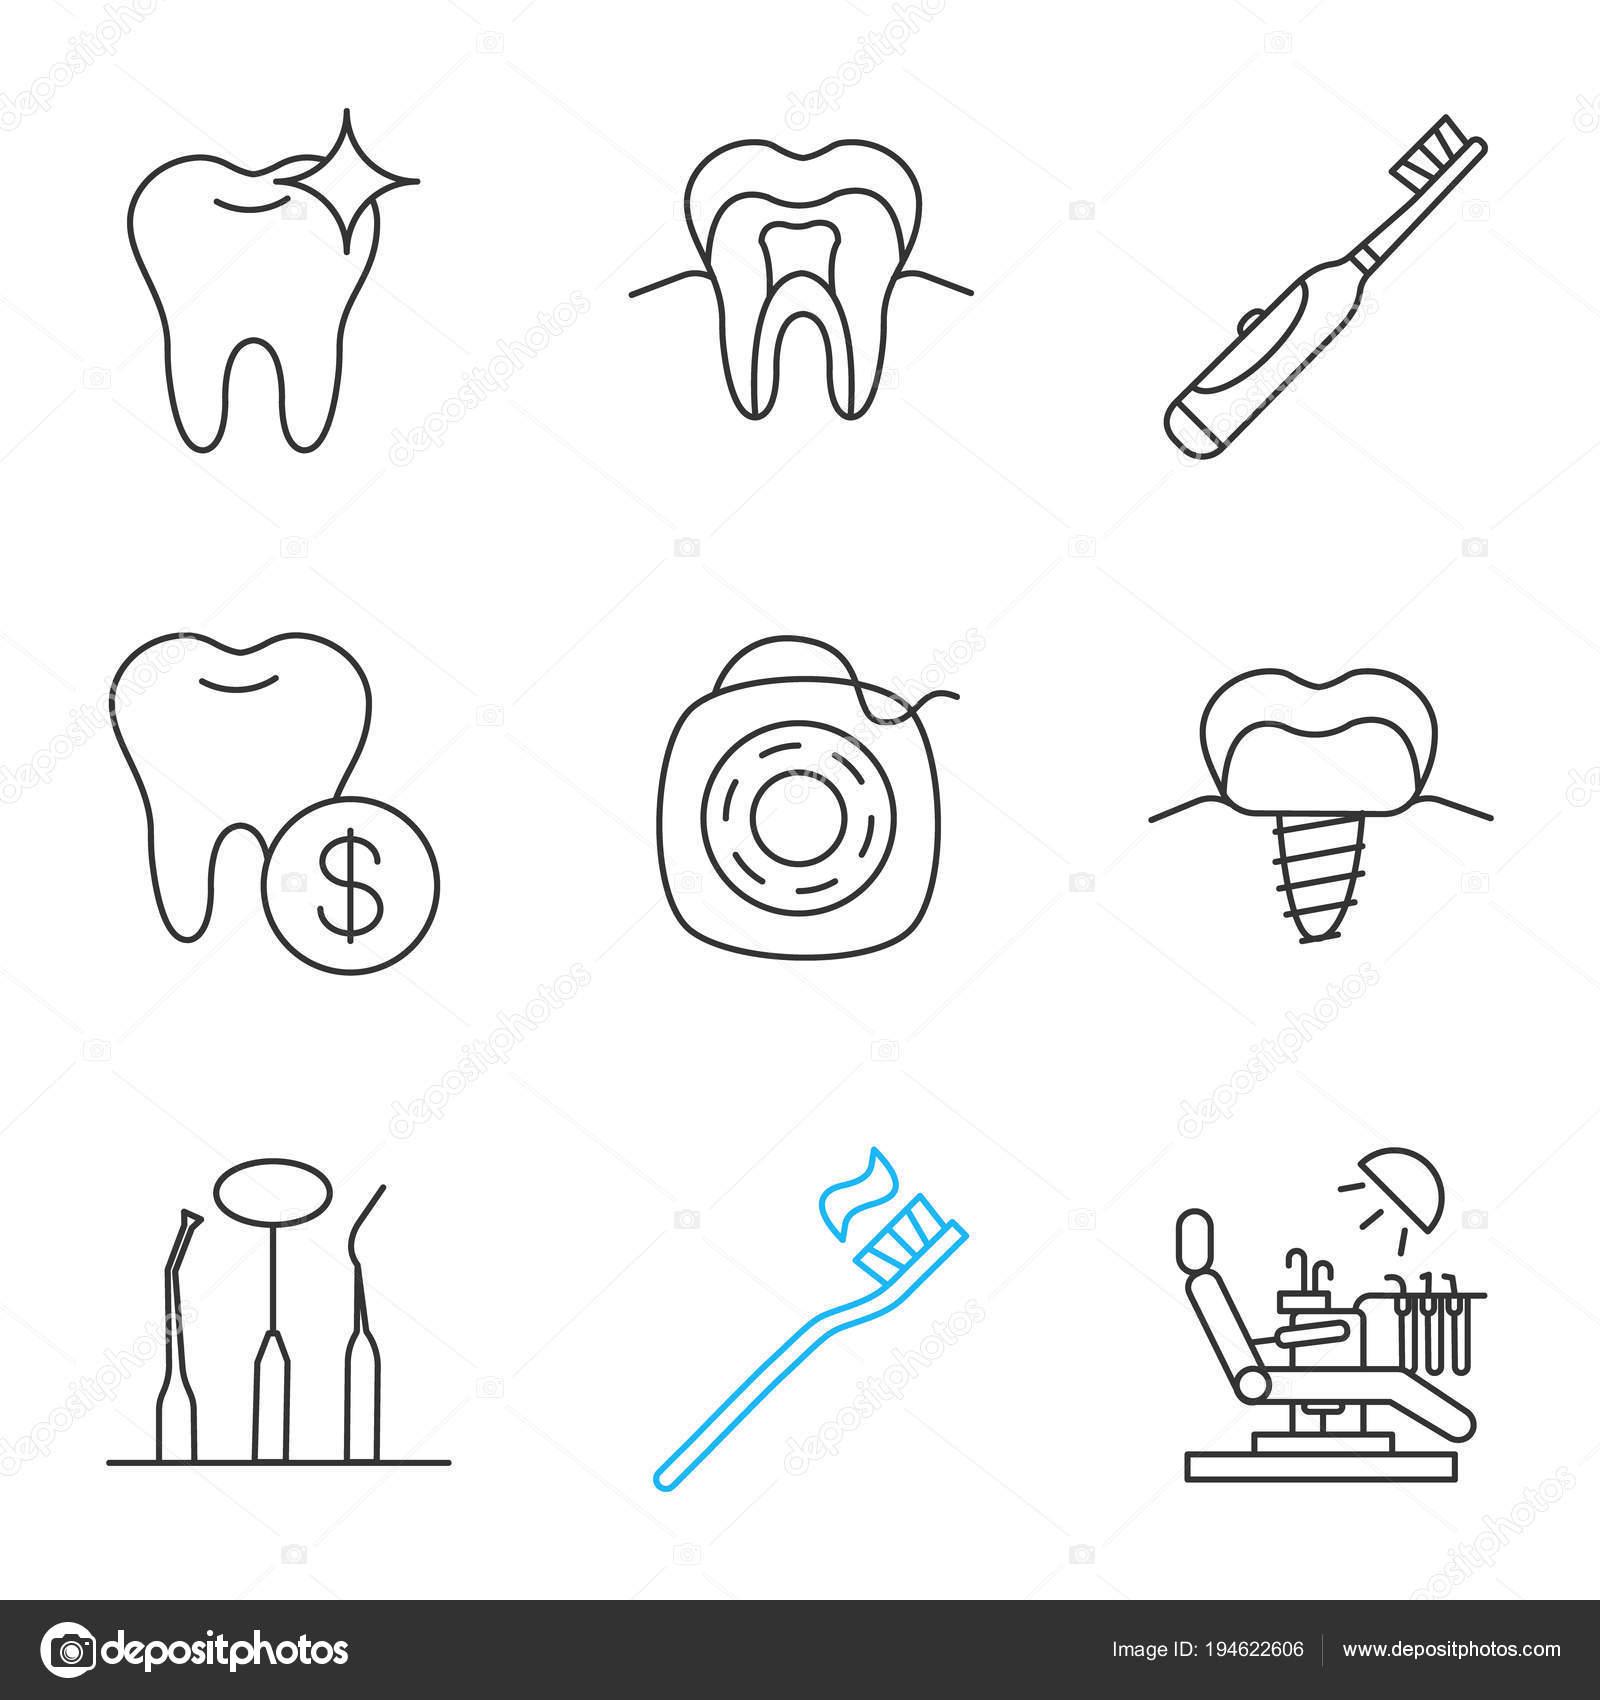 800f5a4e1 Conjunto Ícones Linear Odontologia Estrutura Dente Saudável Escova Dentes  Elétrica — Vetor de Stock